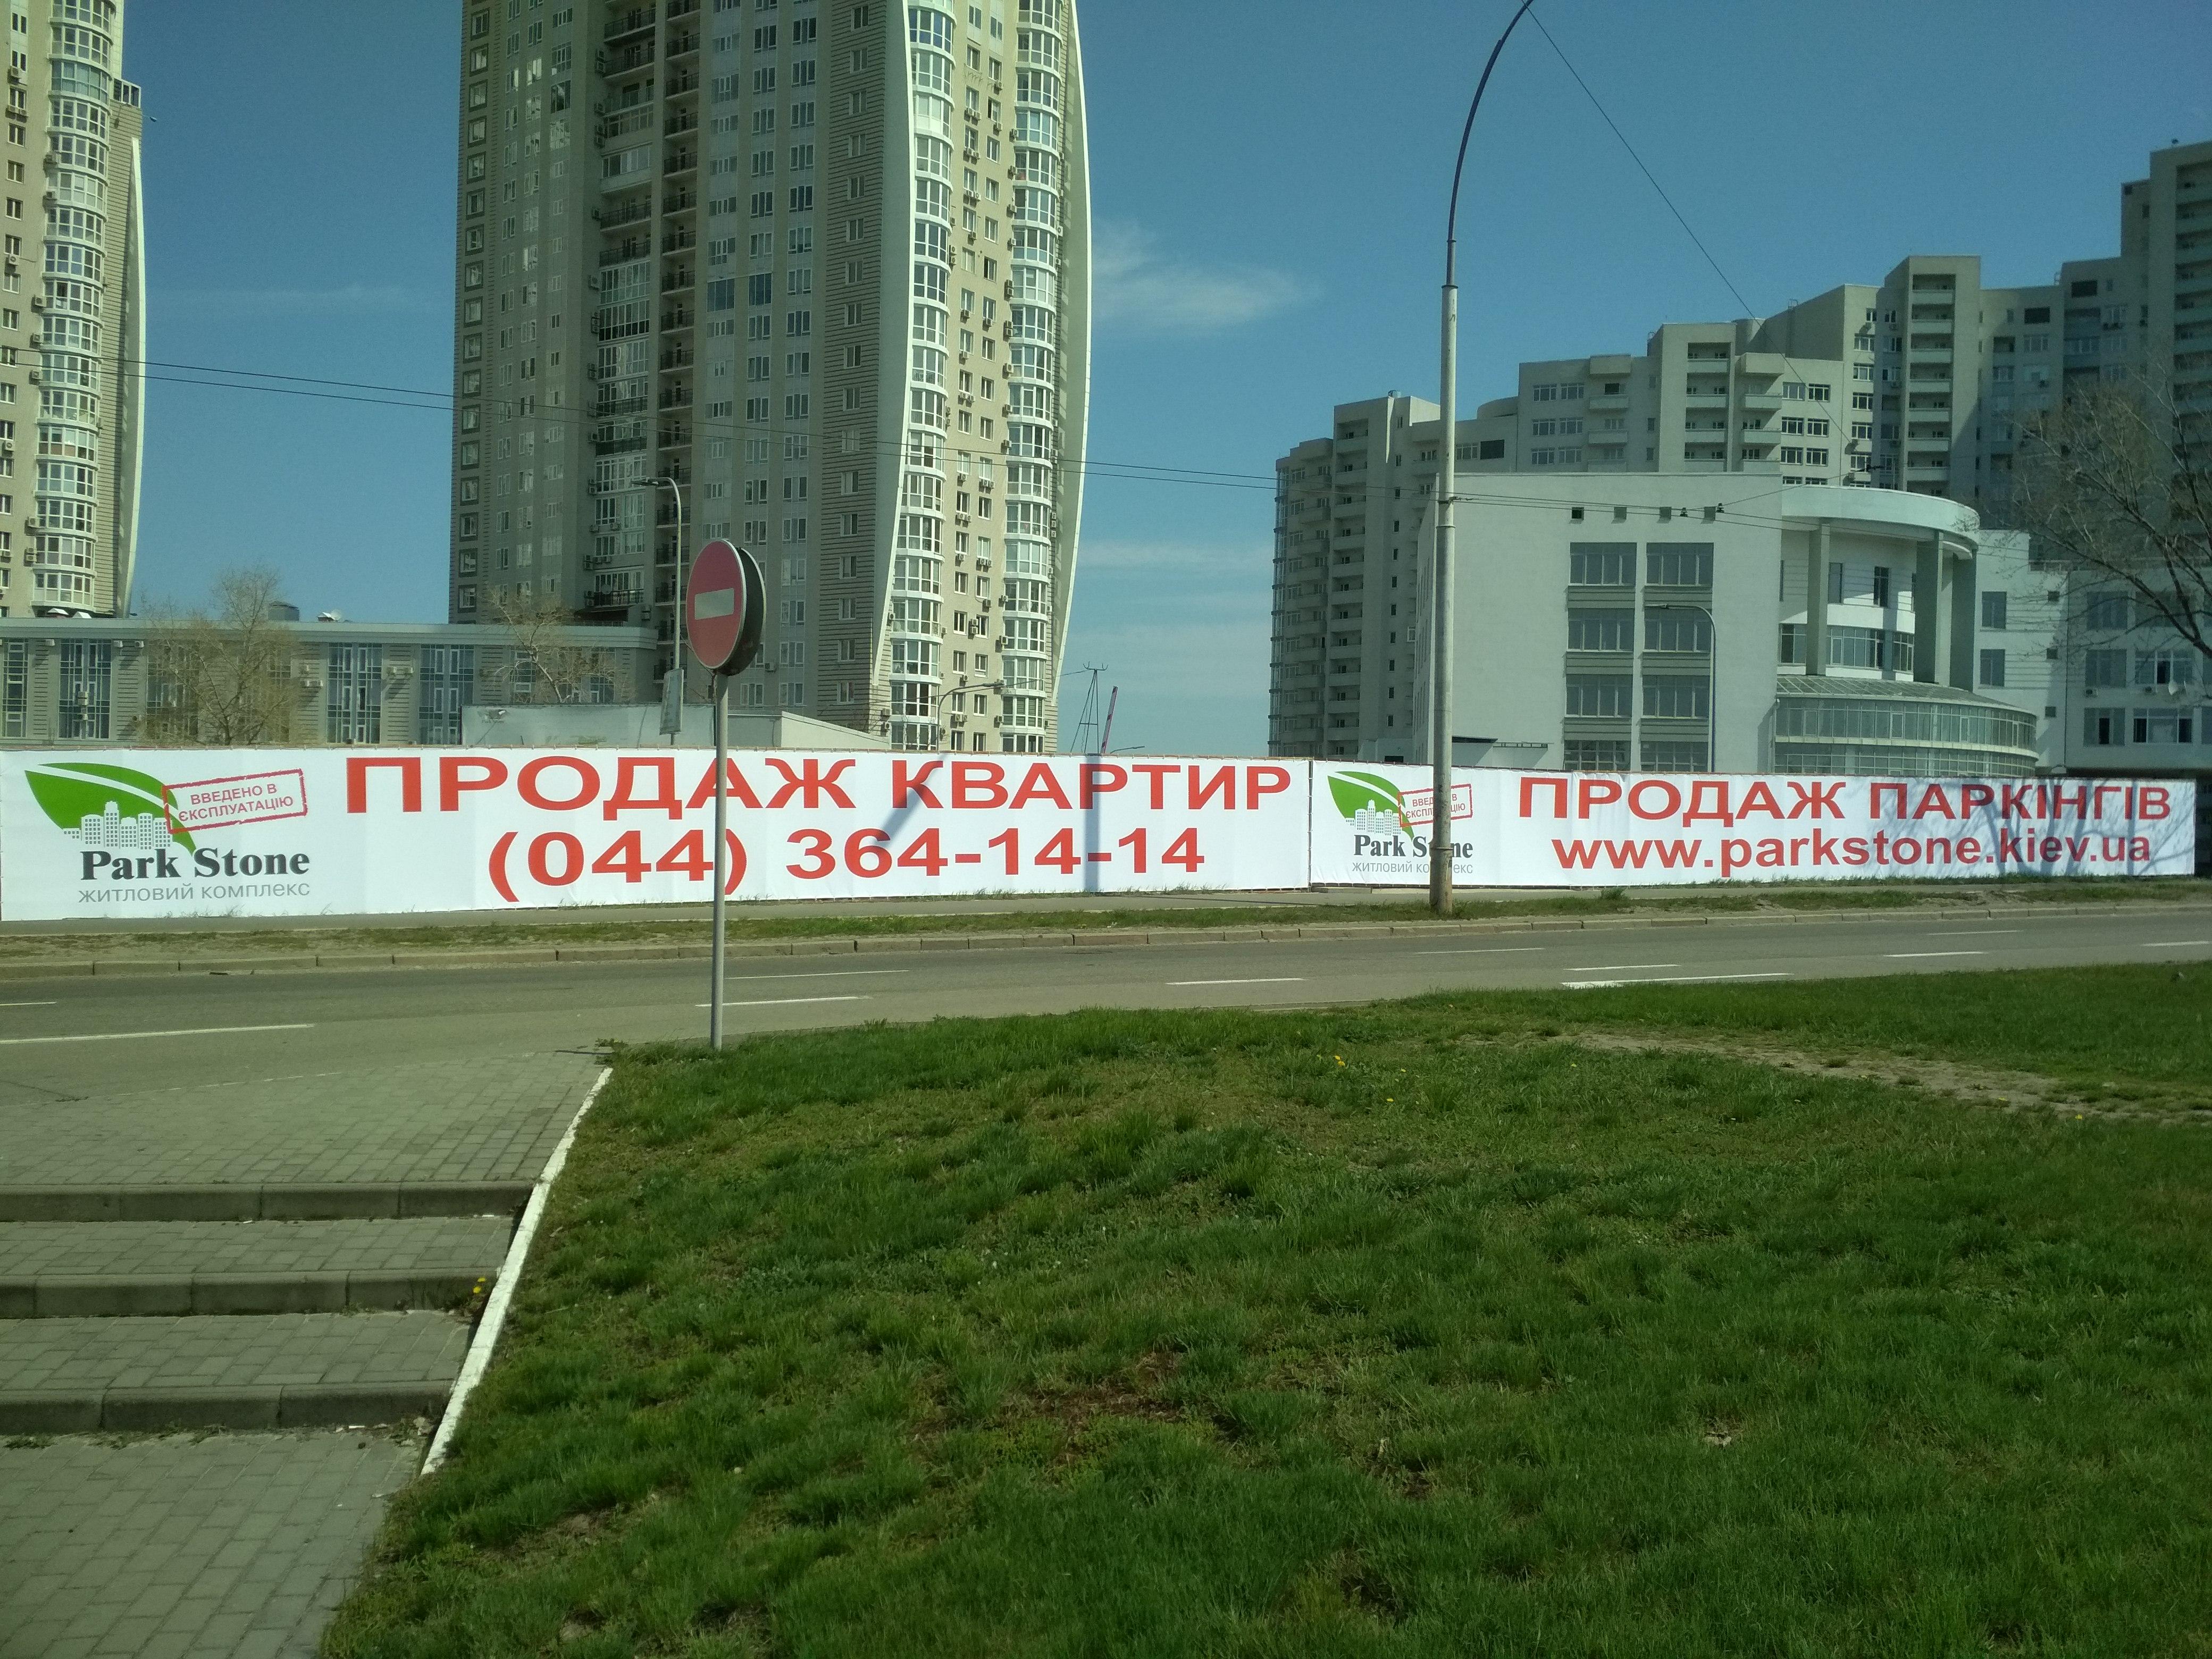 Бечать и монтаж баннеров в Киеве